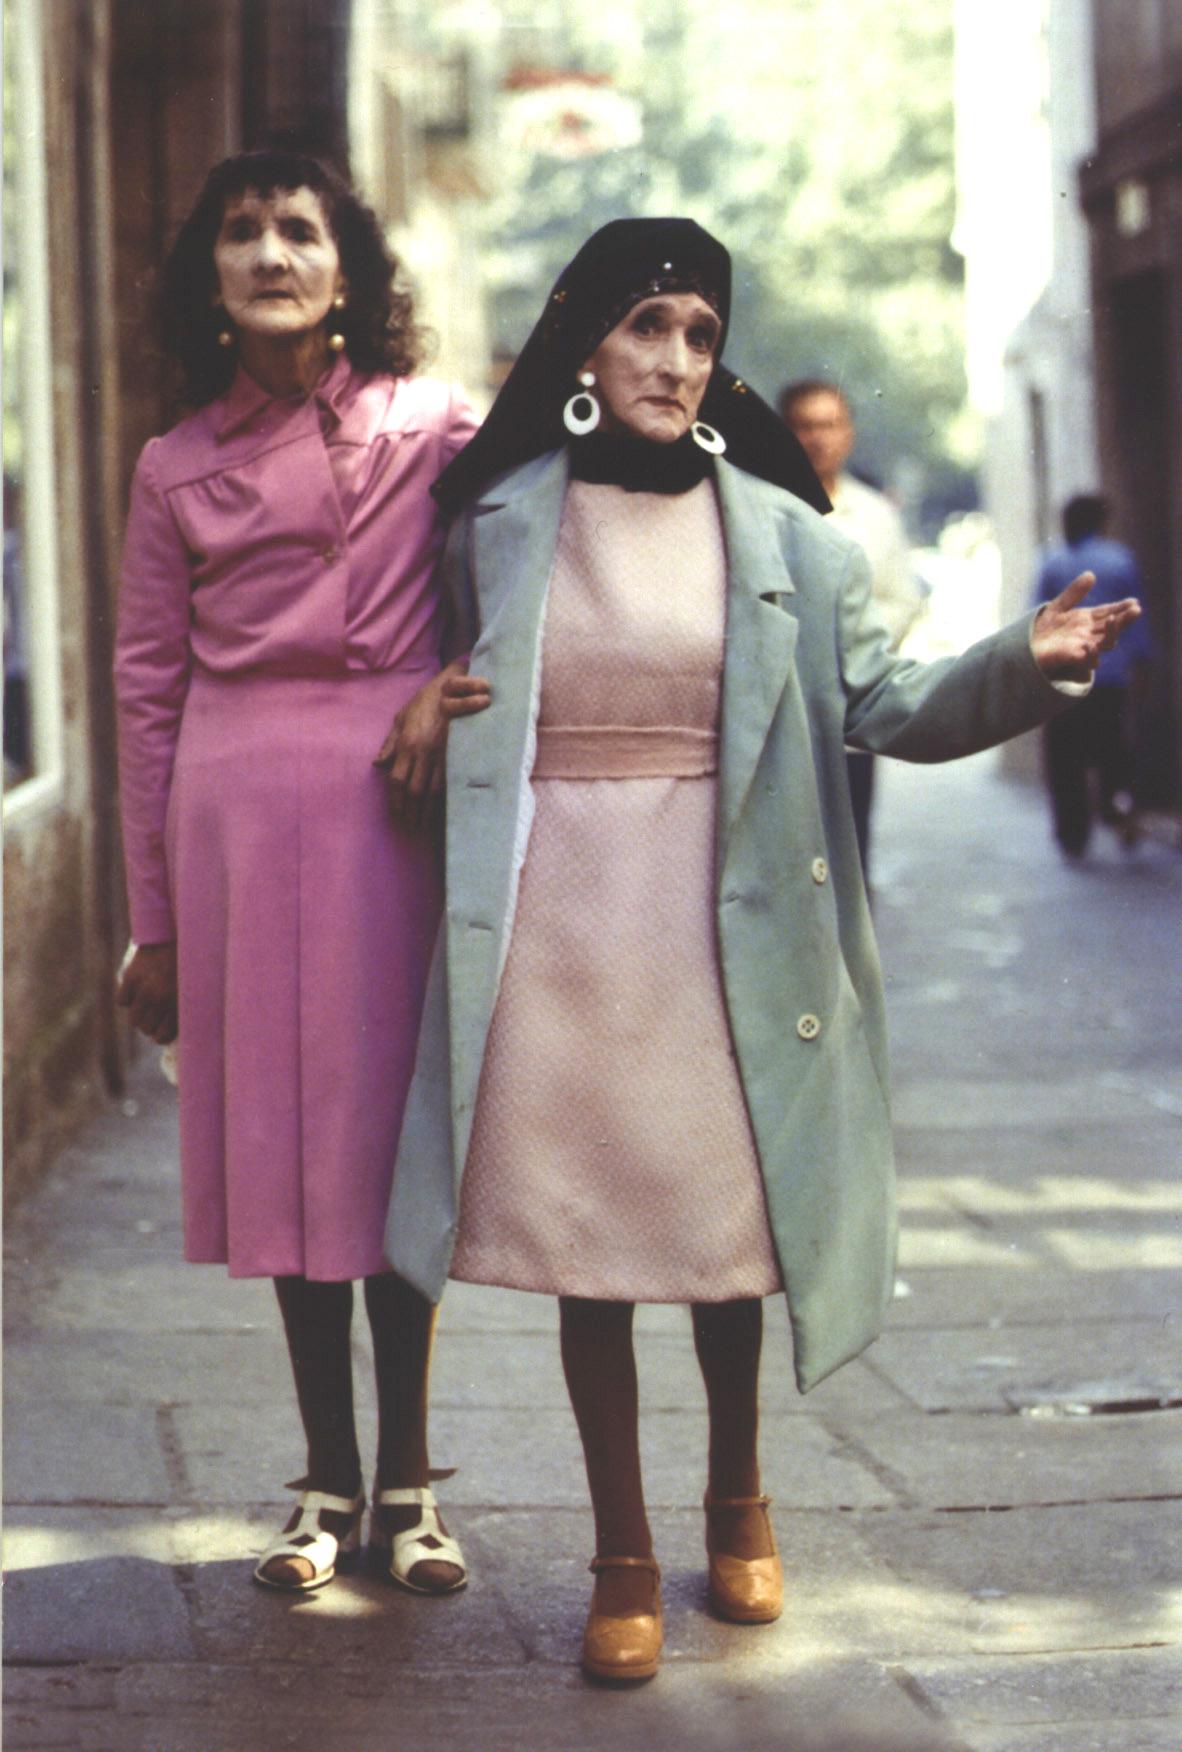 Coralia y Maruxa Fandiño, 'Las Marías', pasean por Santiago de Compostela en 1961 en una imagen atribuida a Xosé Guitián.